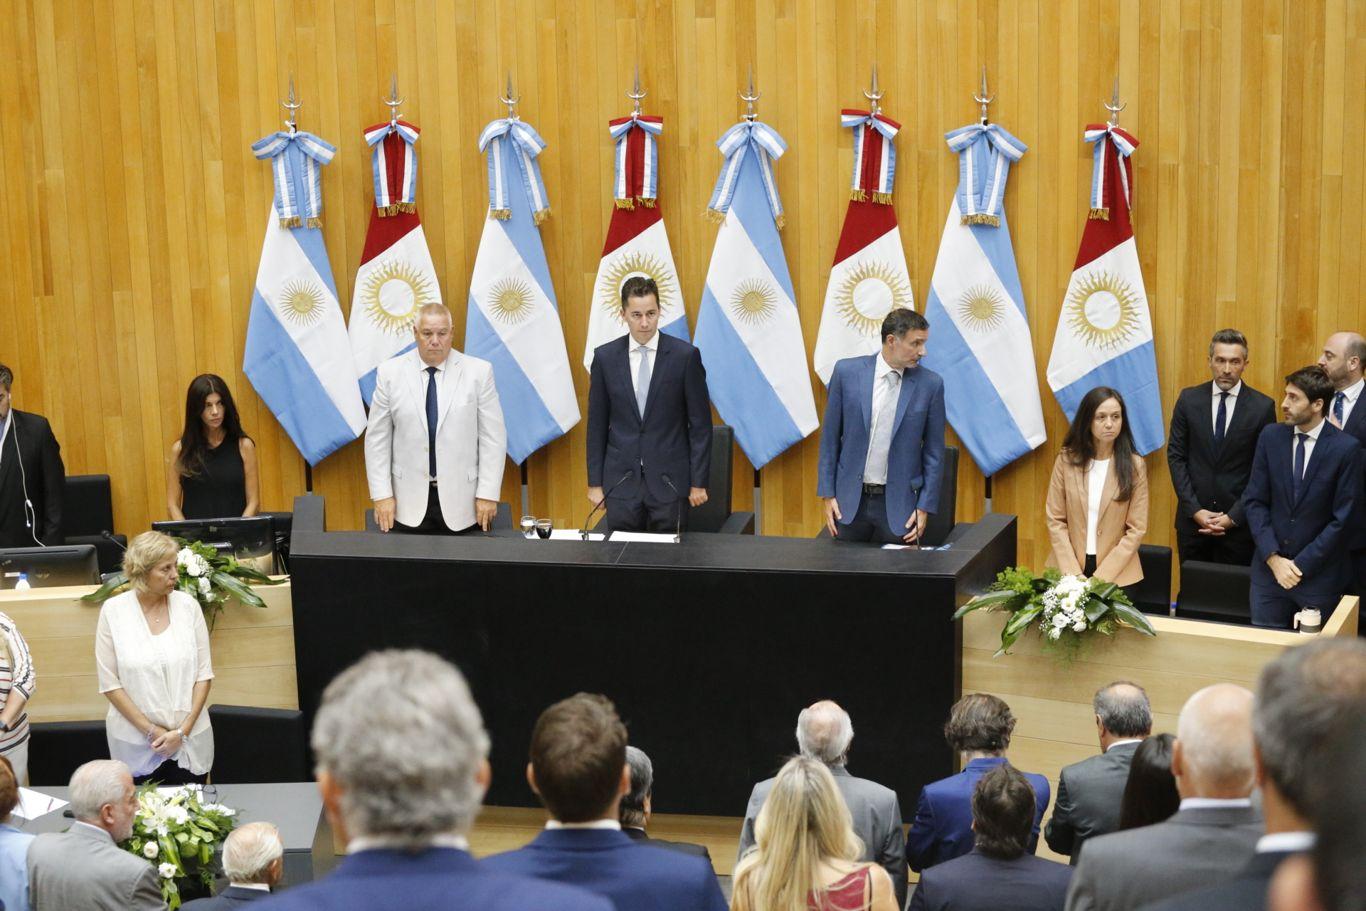 CAlvo Legislatura inicio de sesiones 2020 by Imaz